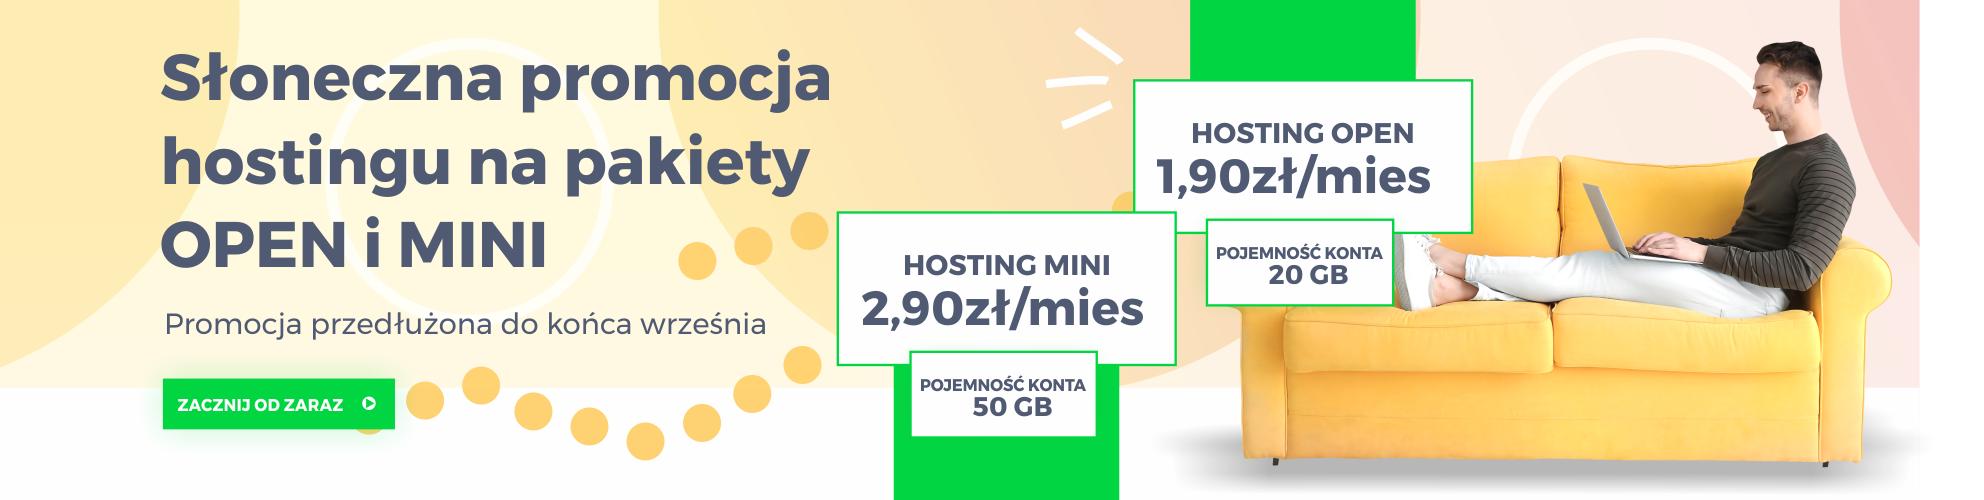 hosting start